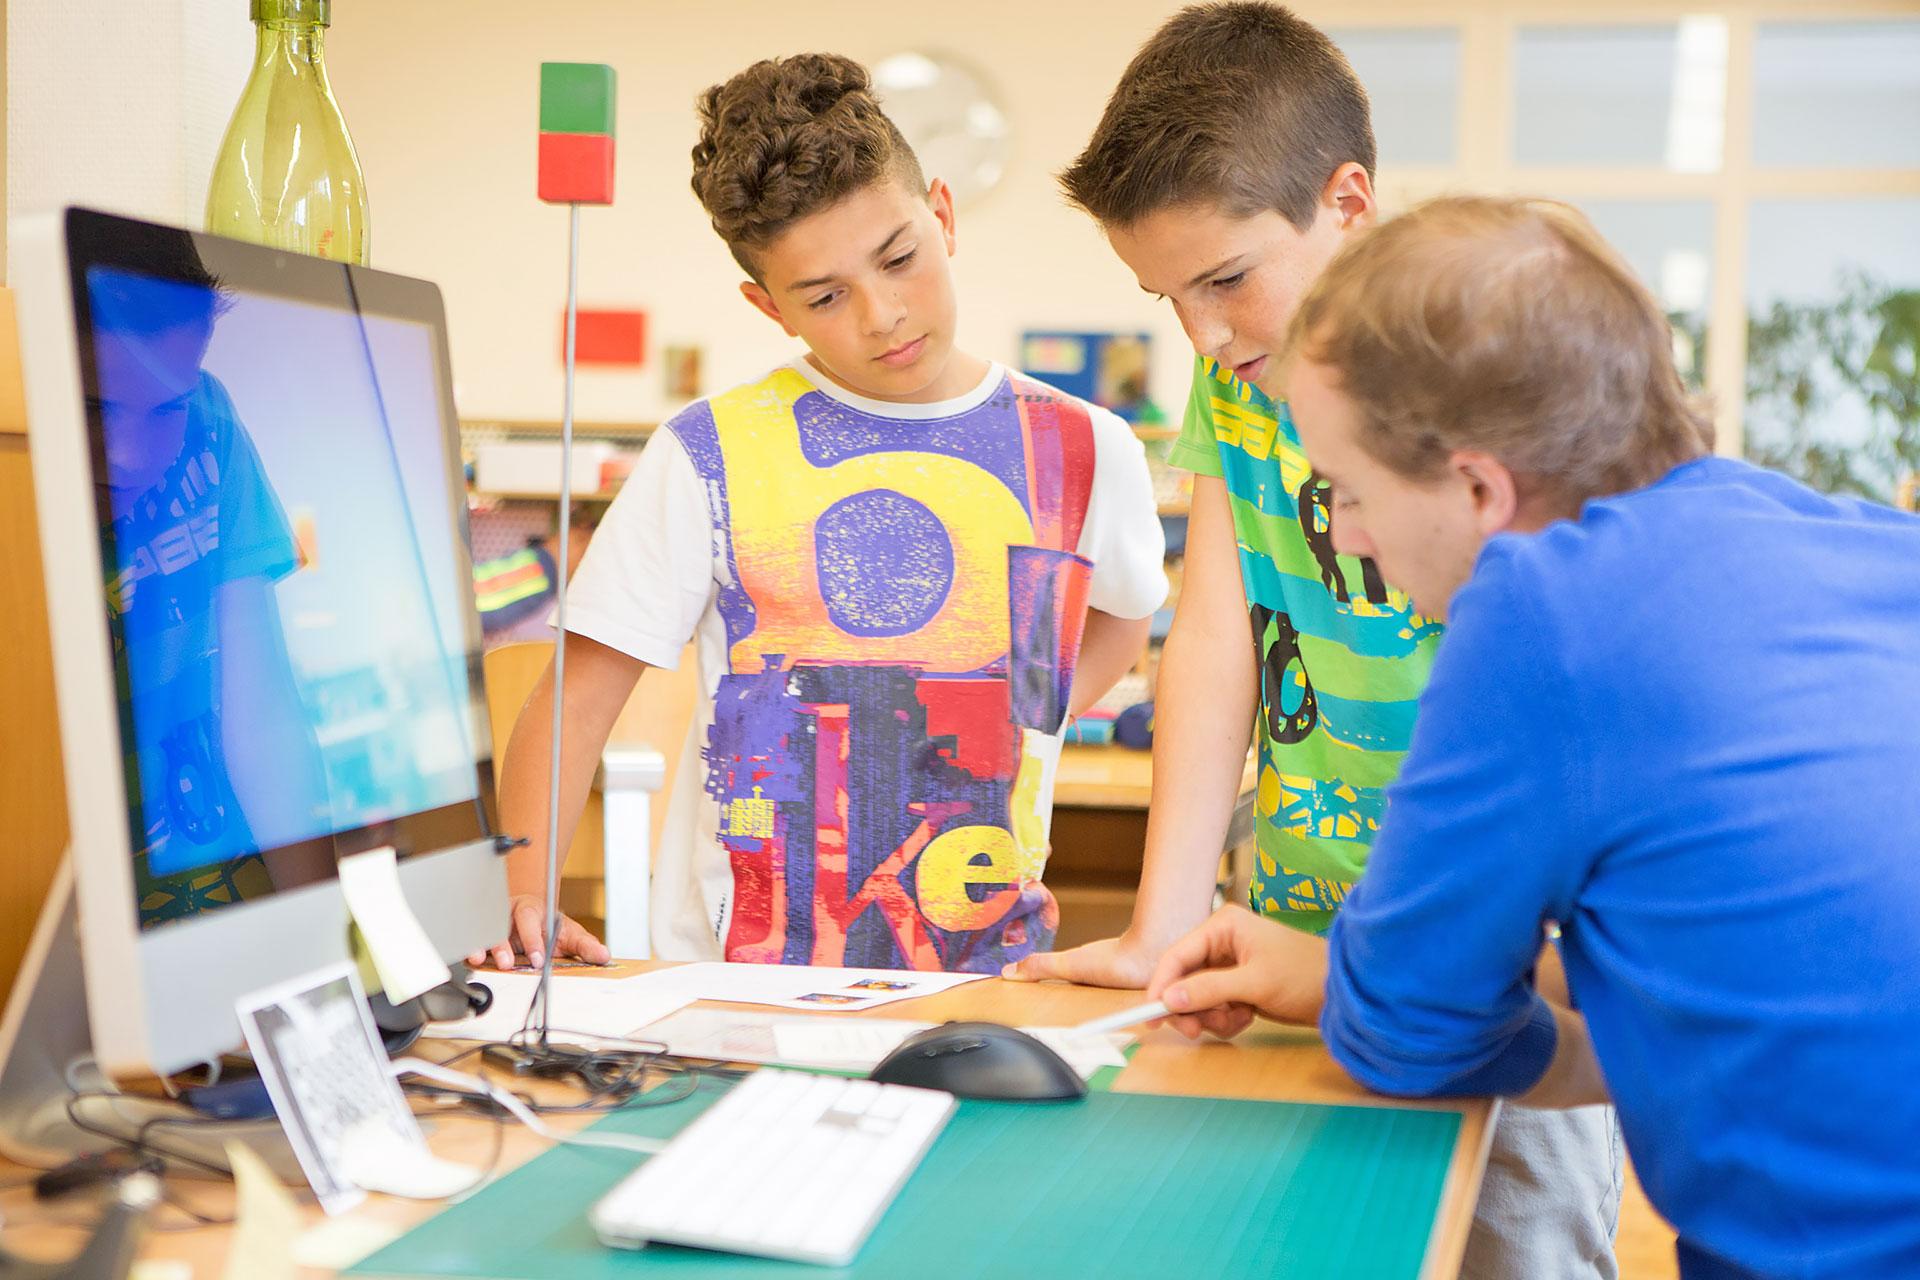 Lehrer erklärt zwei Schülern eine Aufgabe